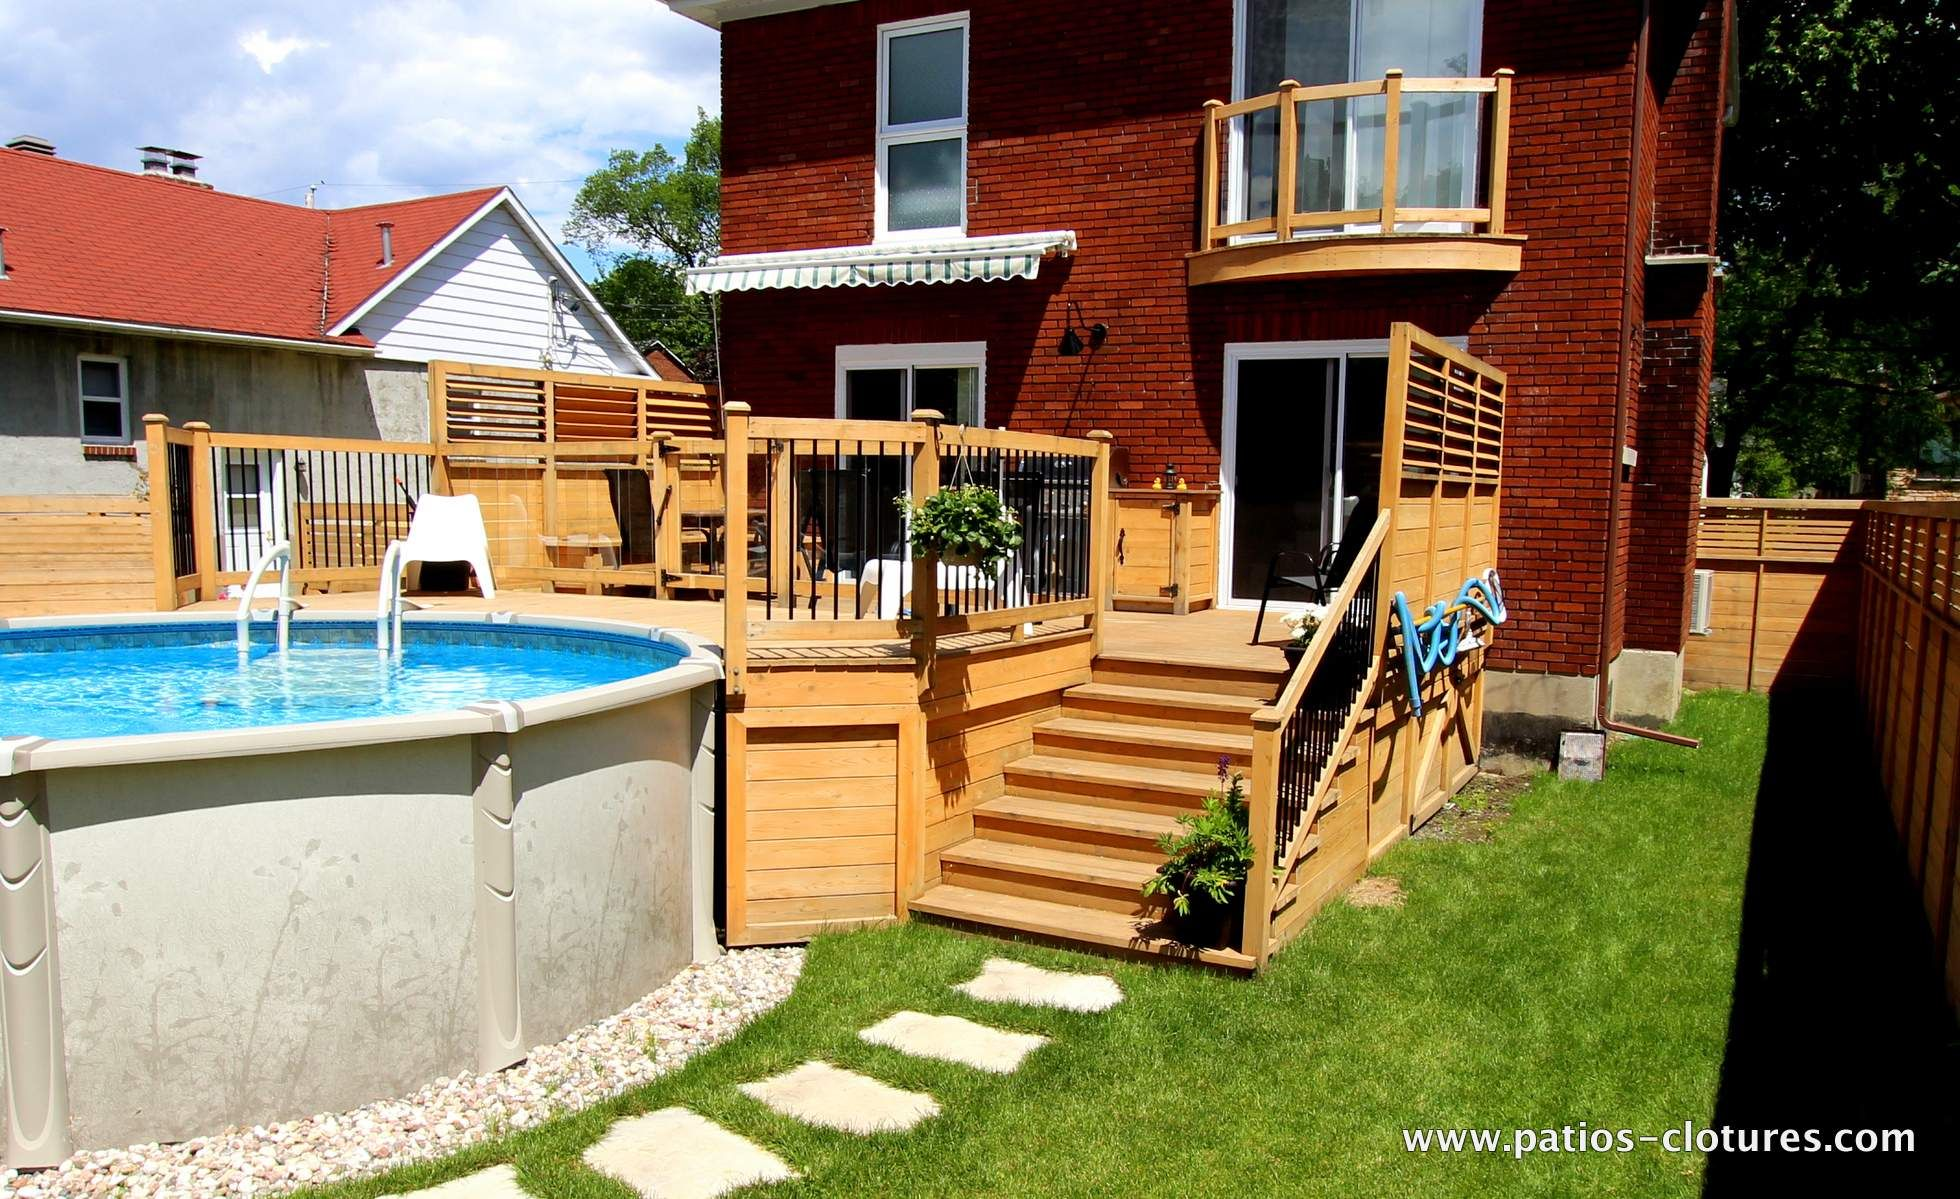 Un grand patio avec deck de piscine hors terre en 2019 - Amenagement exterieur piscine hors sol ...